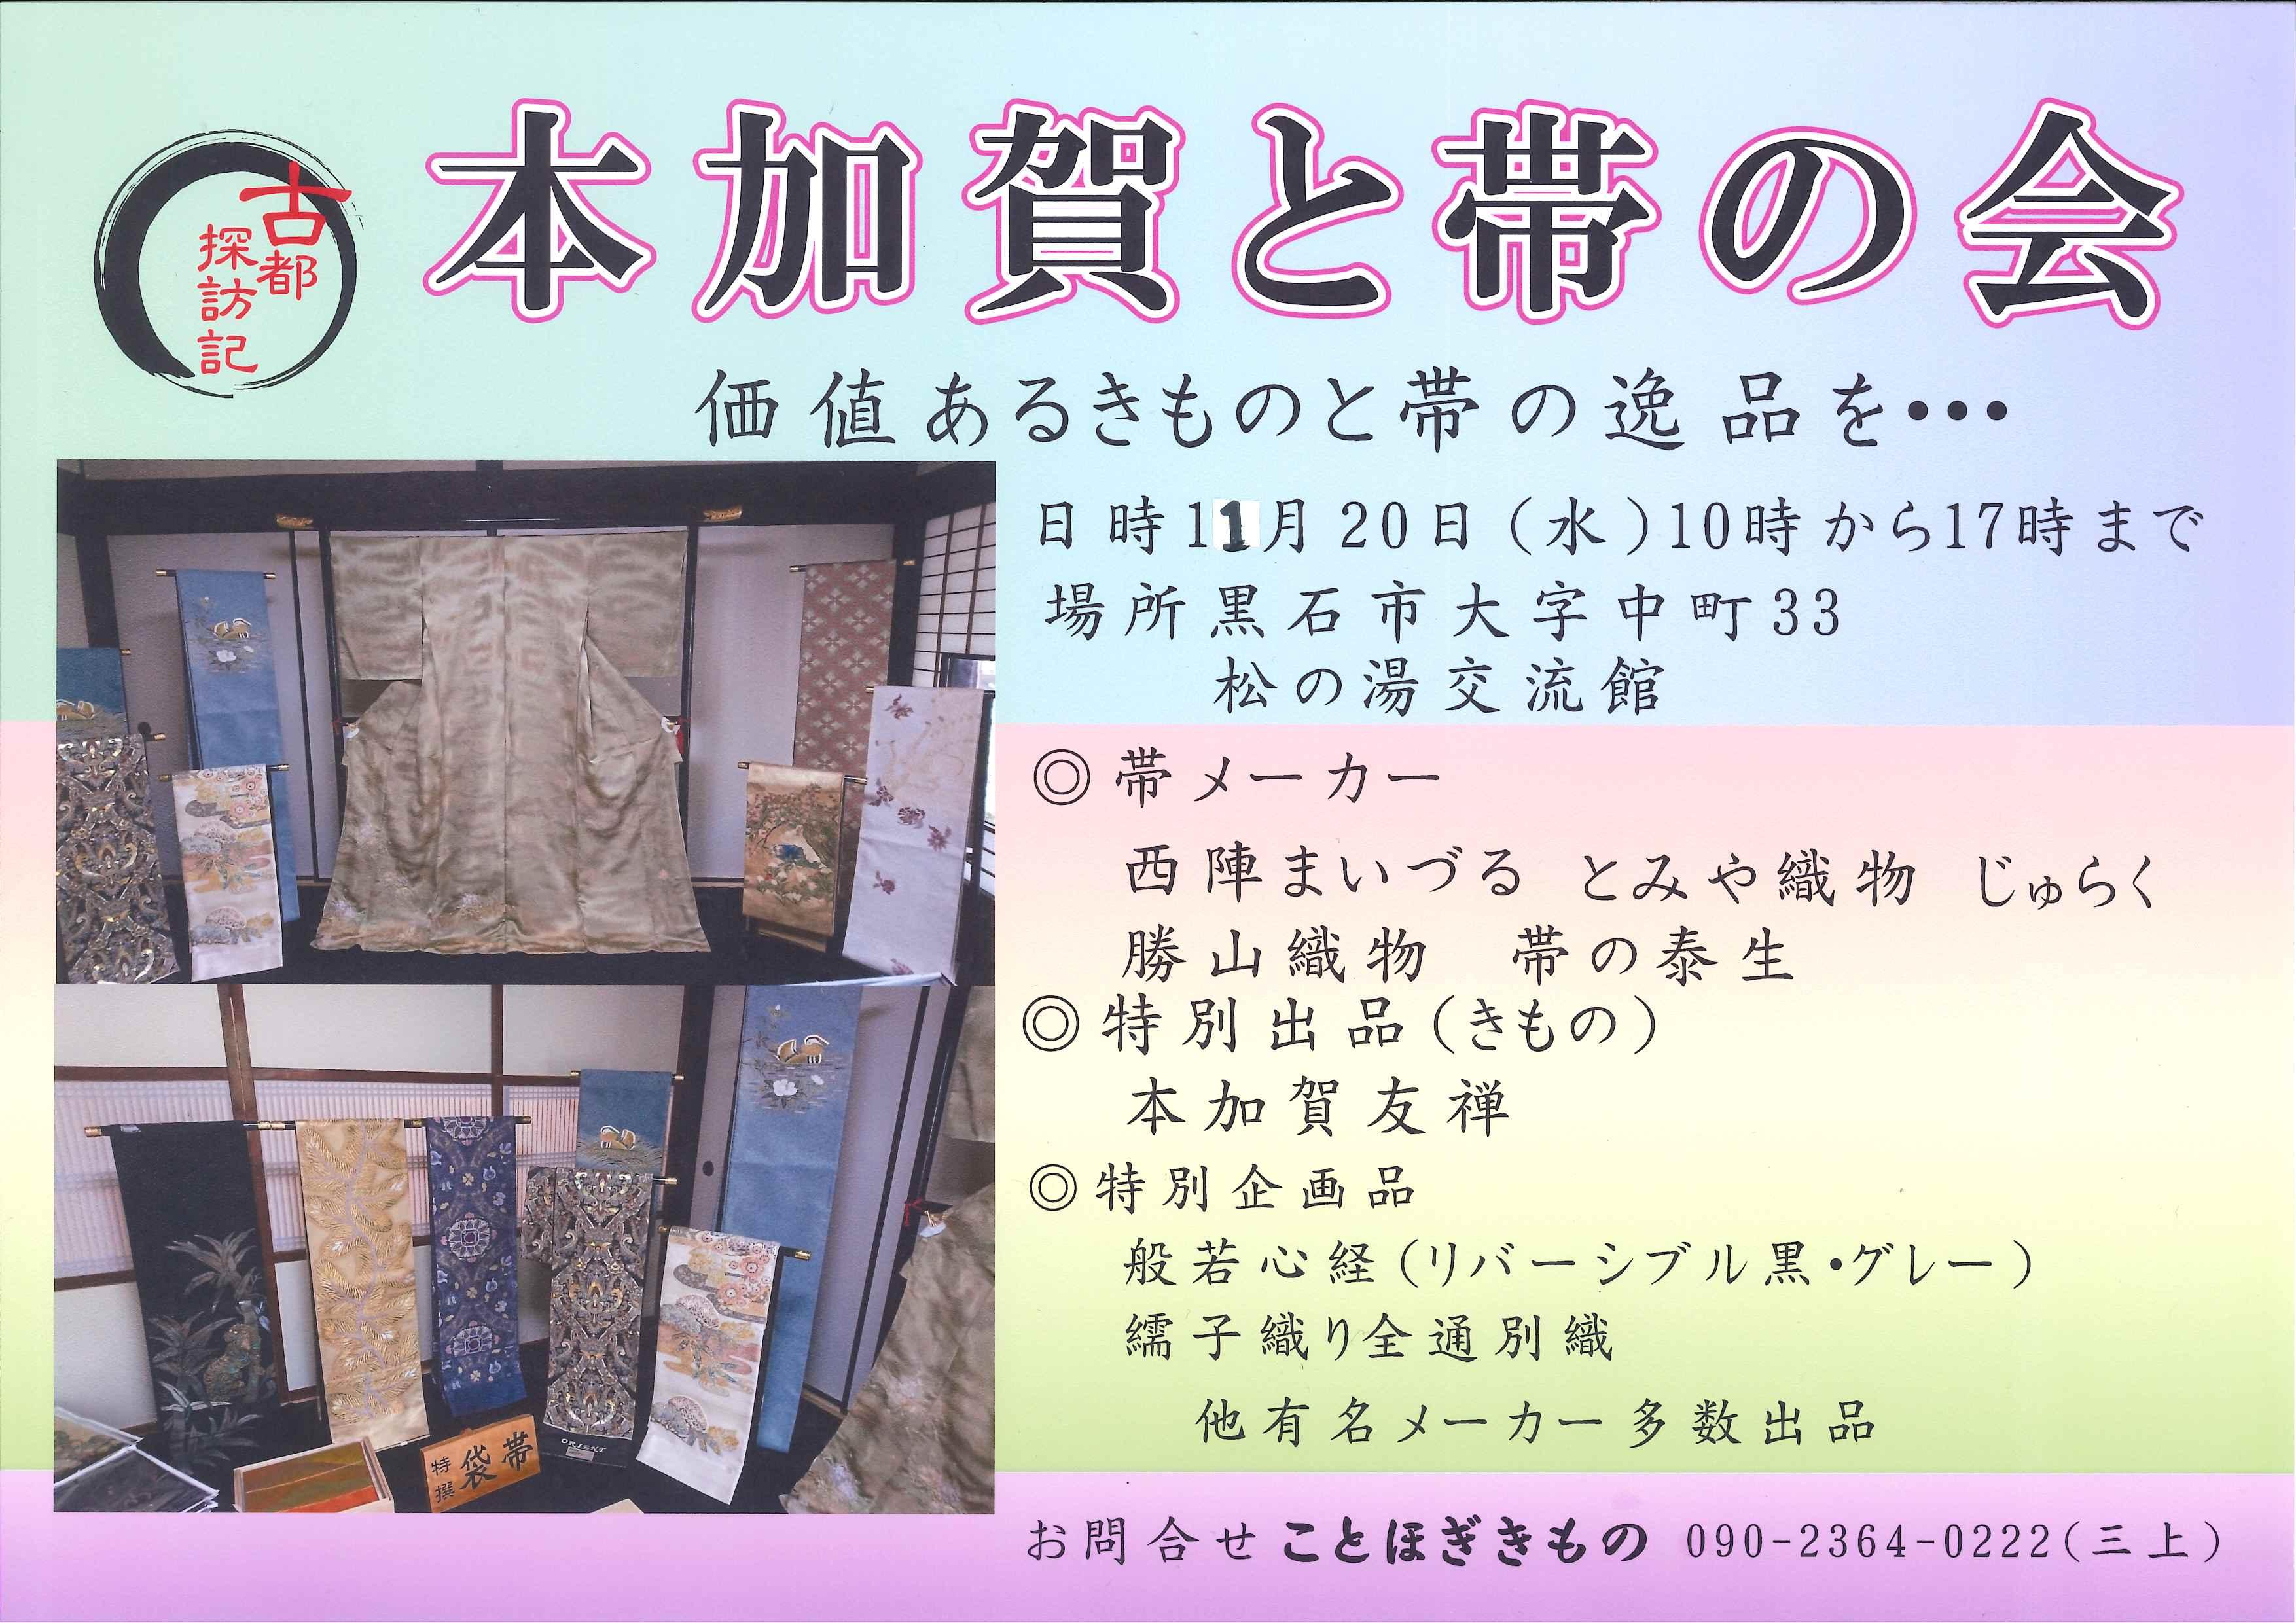 本加賀と帯の会 11/20(水)